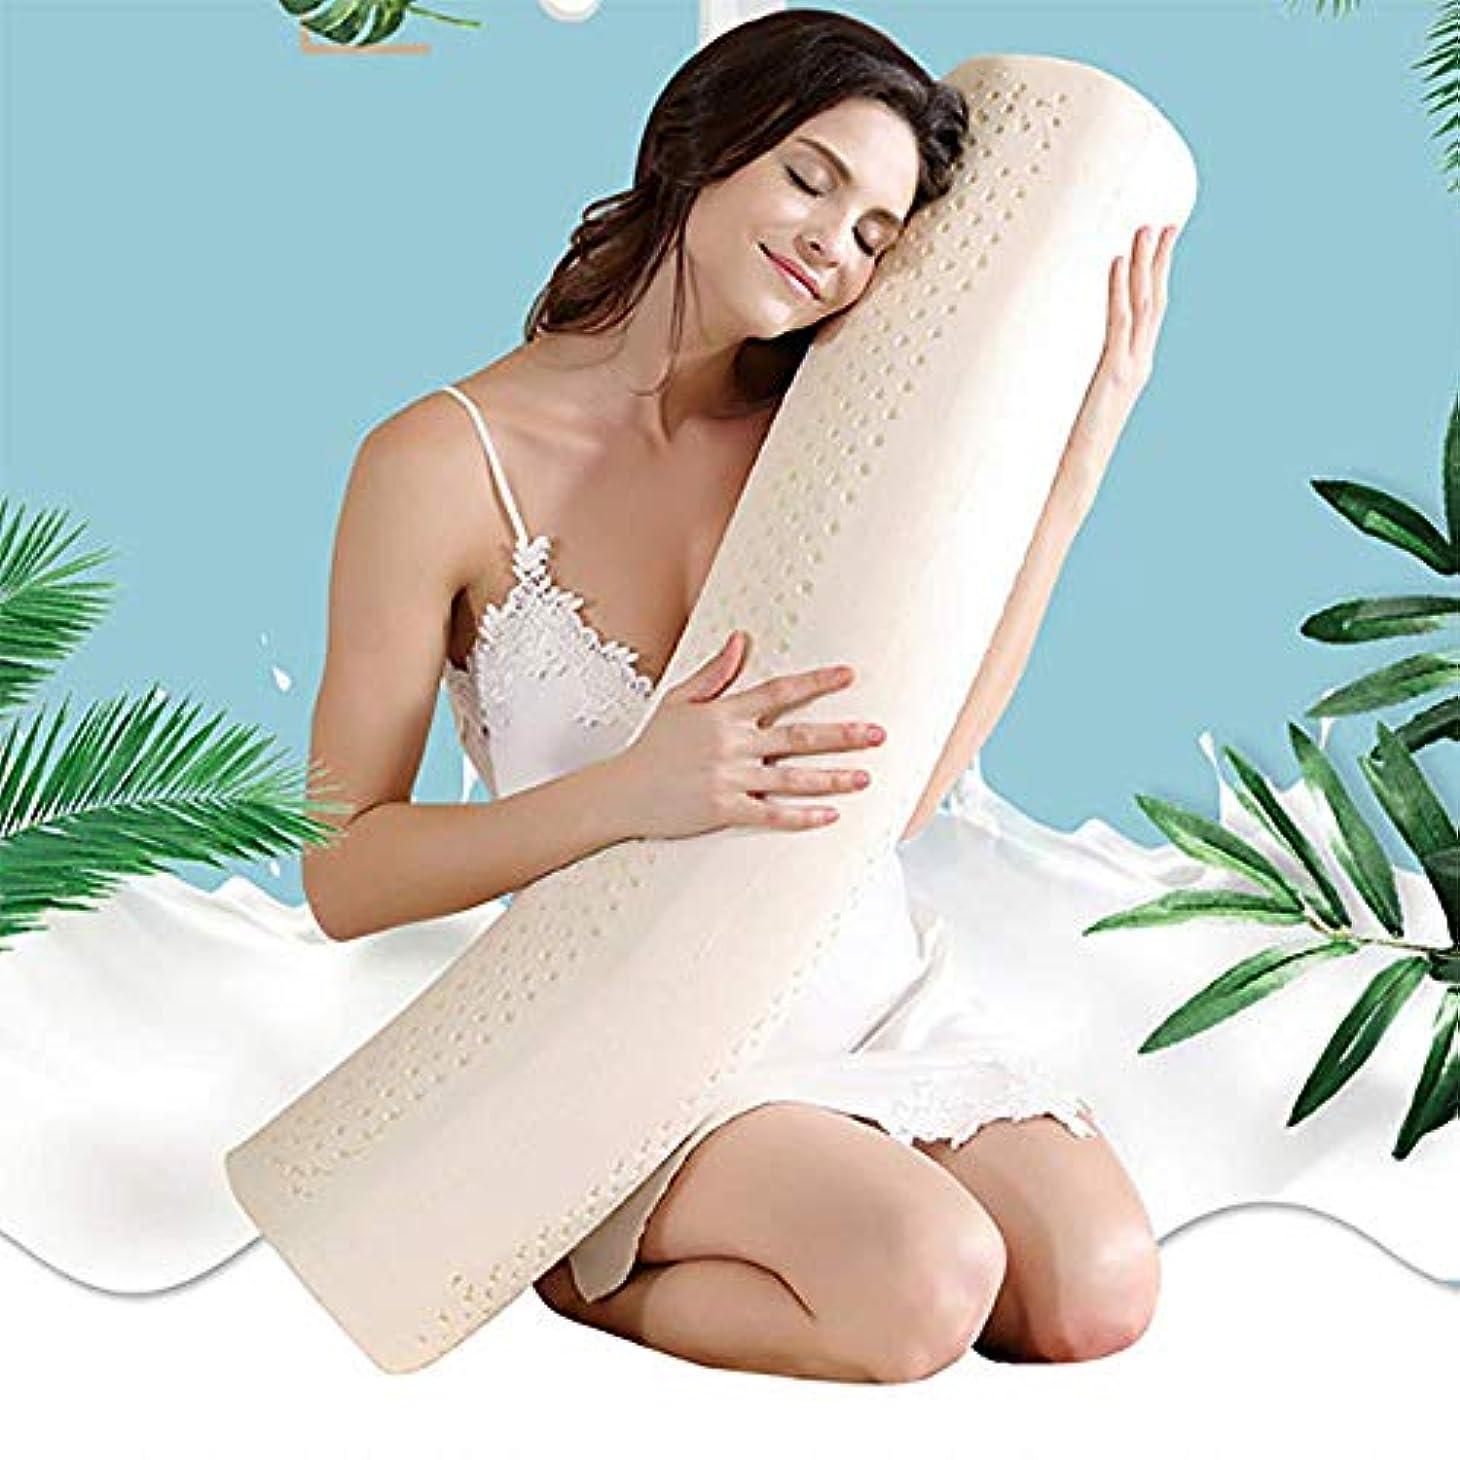 リーダーシップアクセスできないできない妊娠女性の枕、天然ラテックスロングラウンド枕妊婦枕リリース脚圧力ラウンド枕